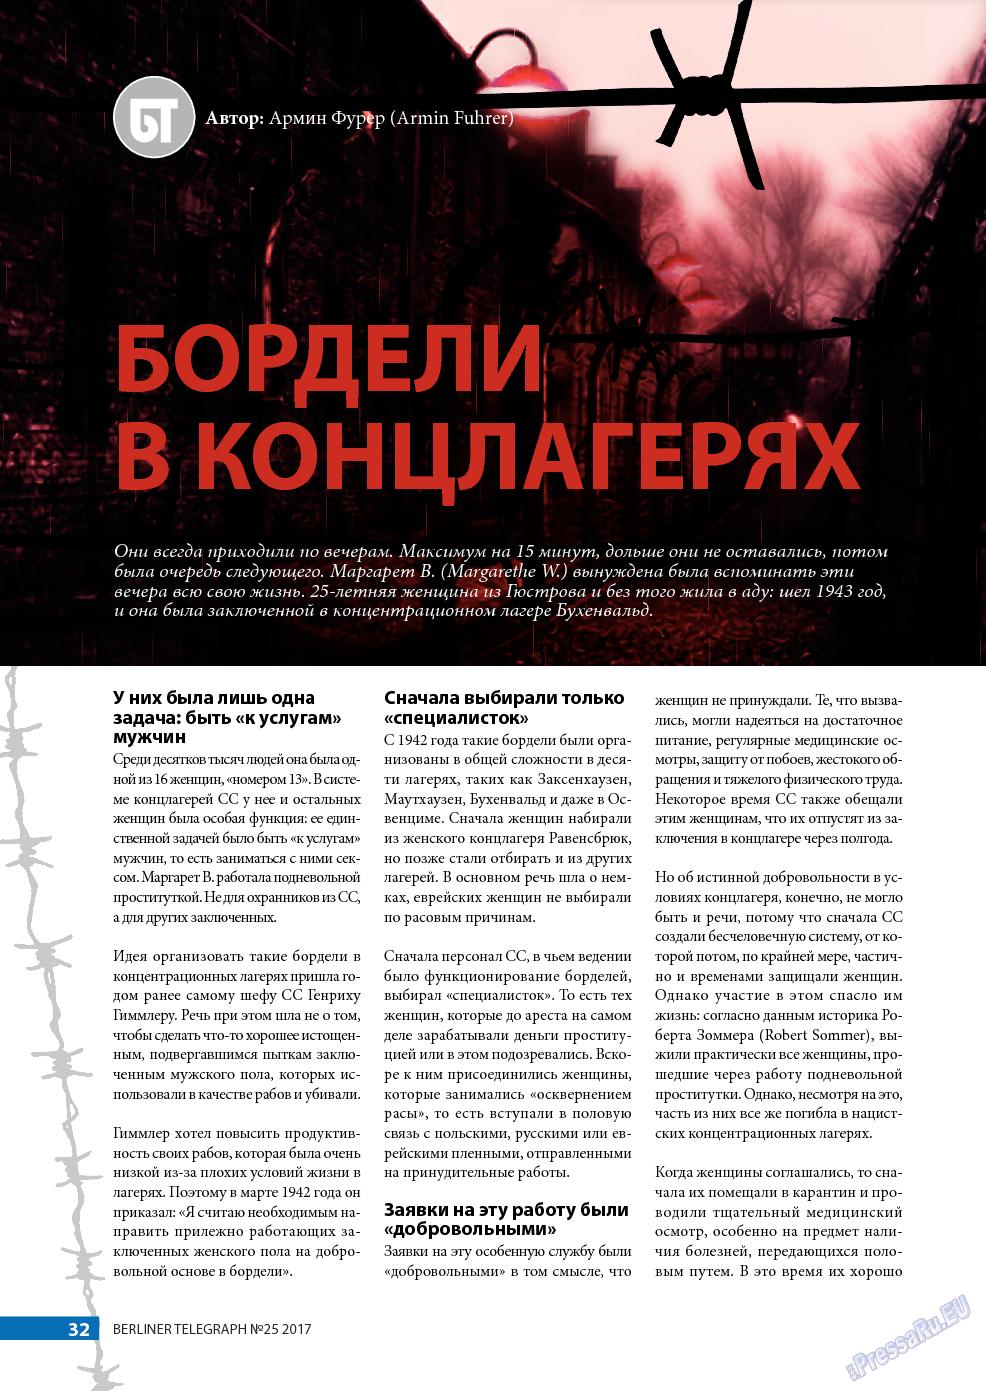 Берлинский телеграф (журнал). 2017 год, номер 25, стр. 32